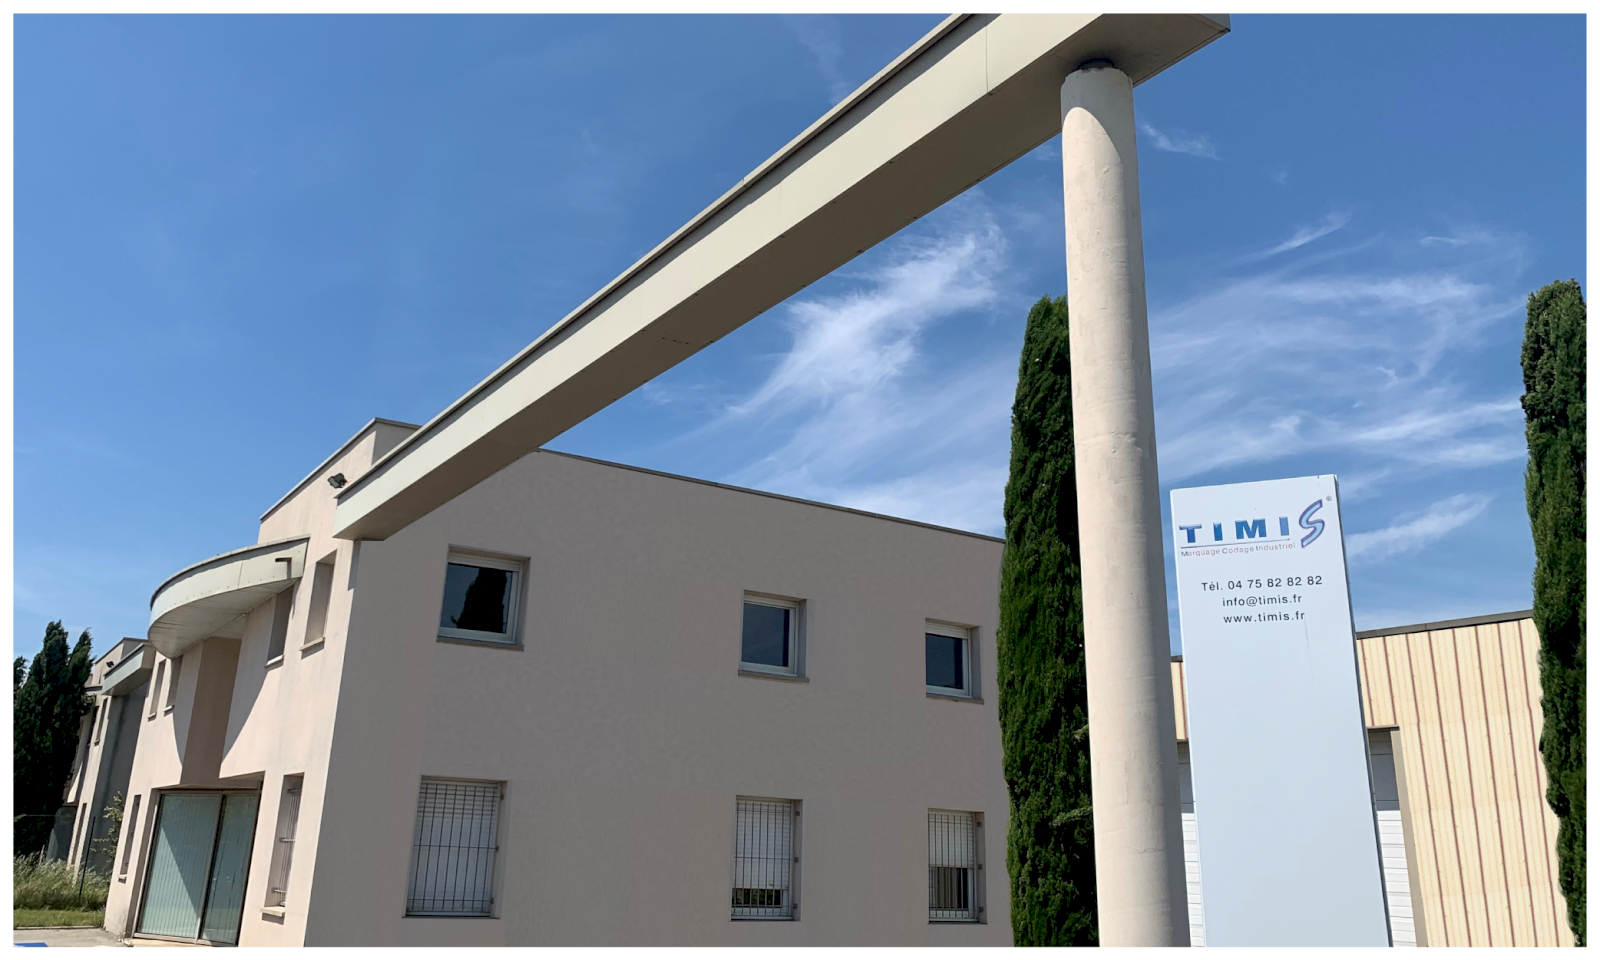 Présentation de TIMIS, société en marquage industriel